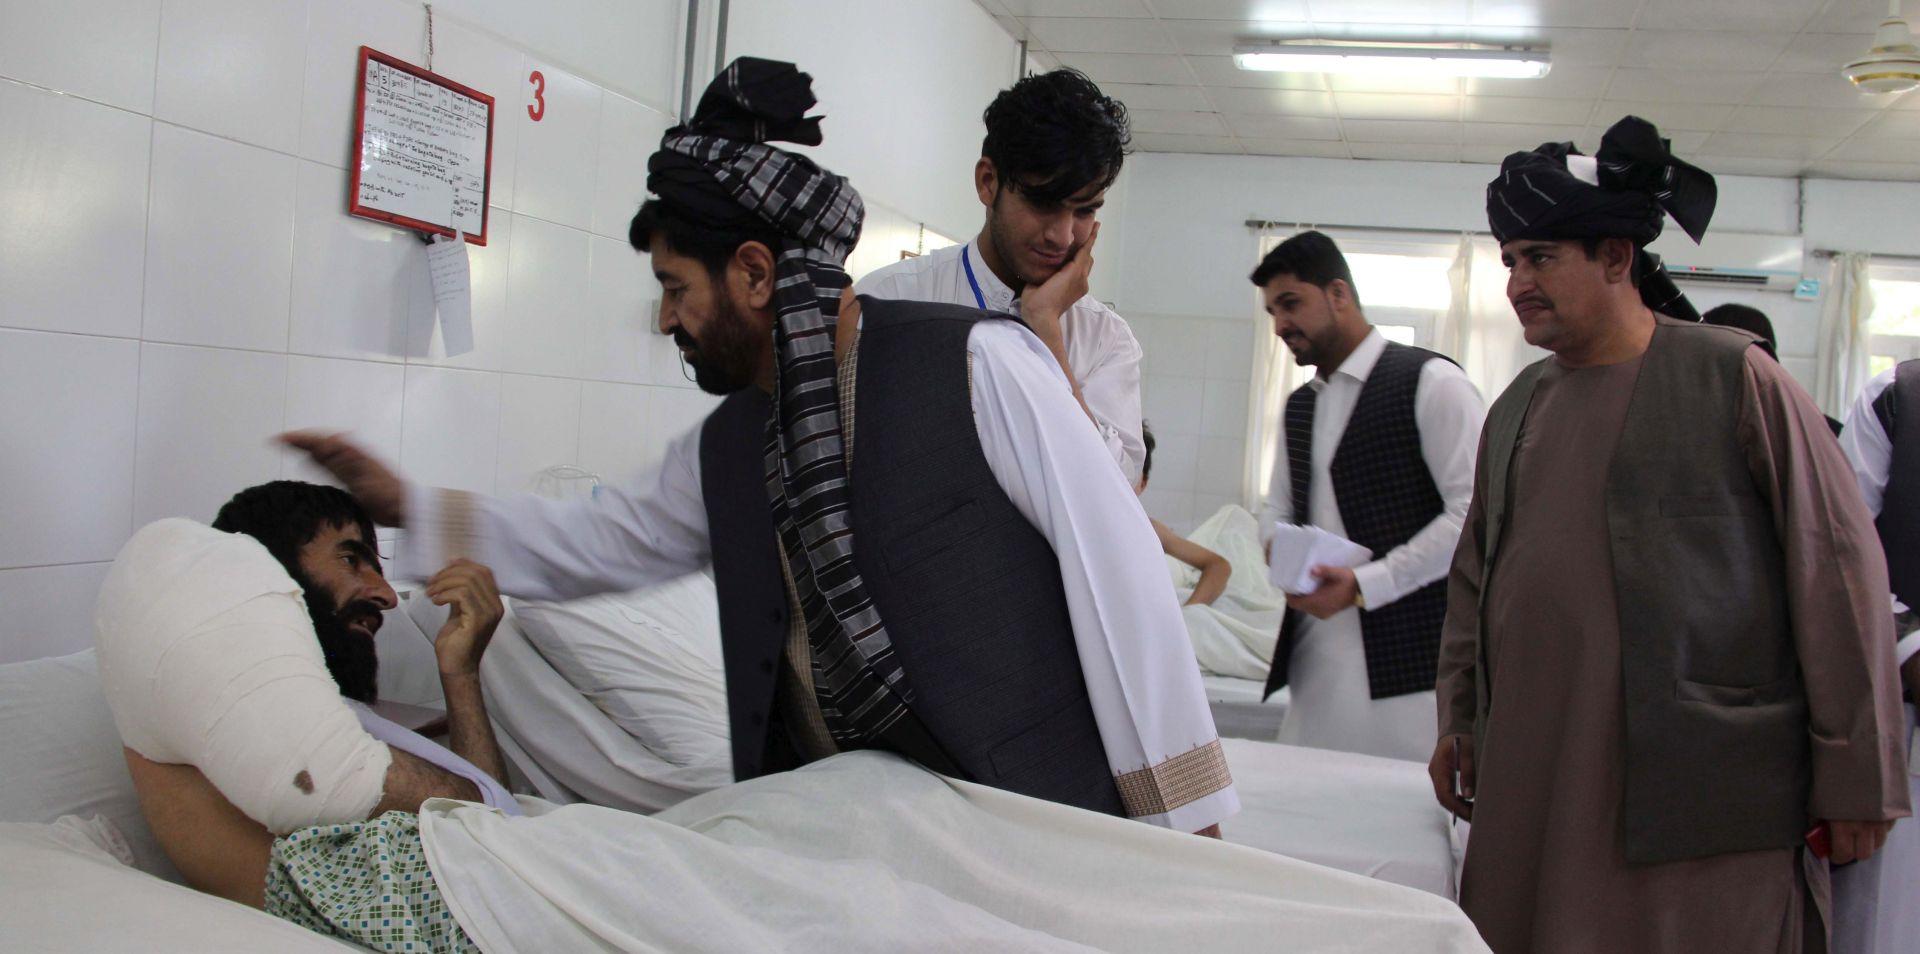 U eksploziji autobombe 20 mrtvih tijekom primirja na istoku Afganistana